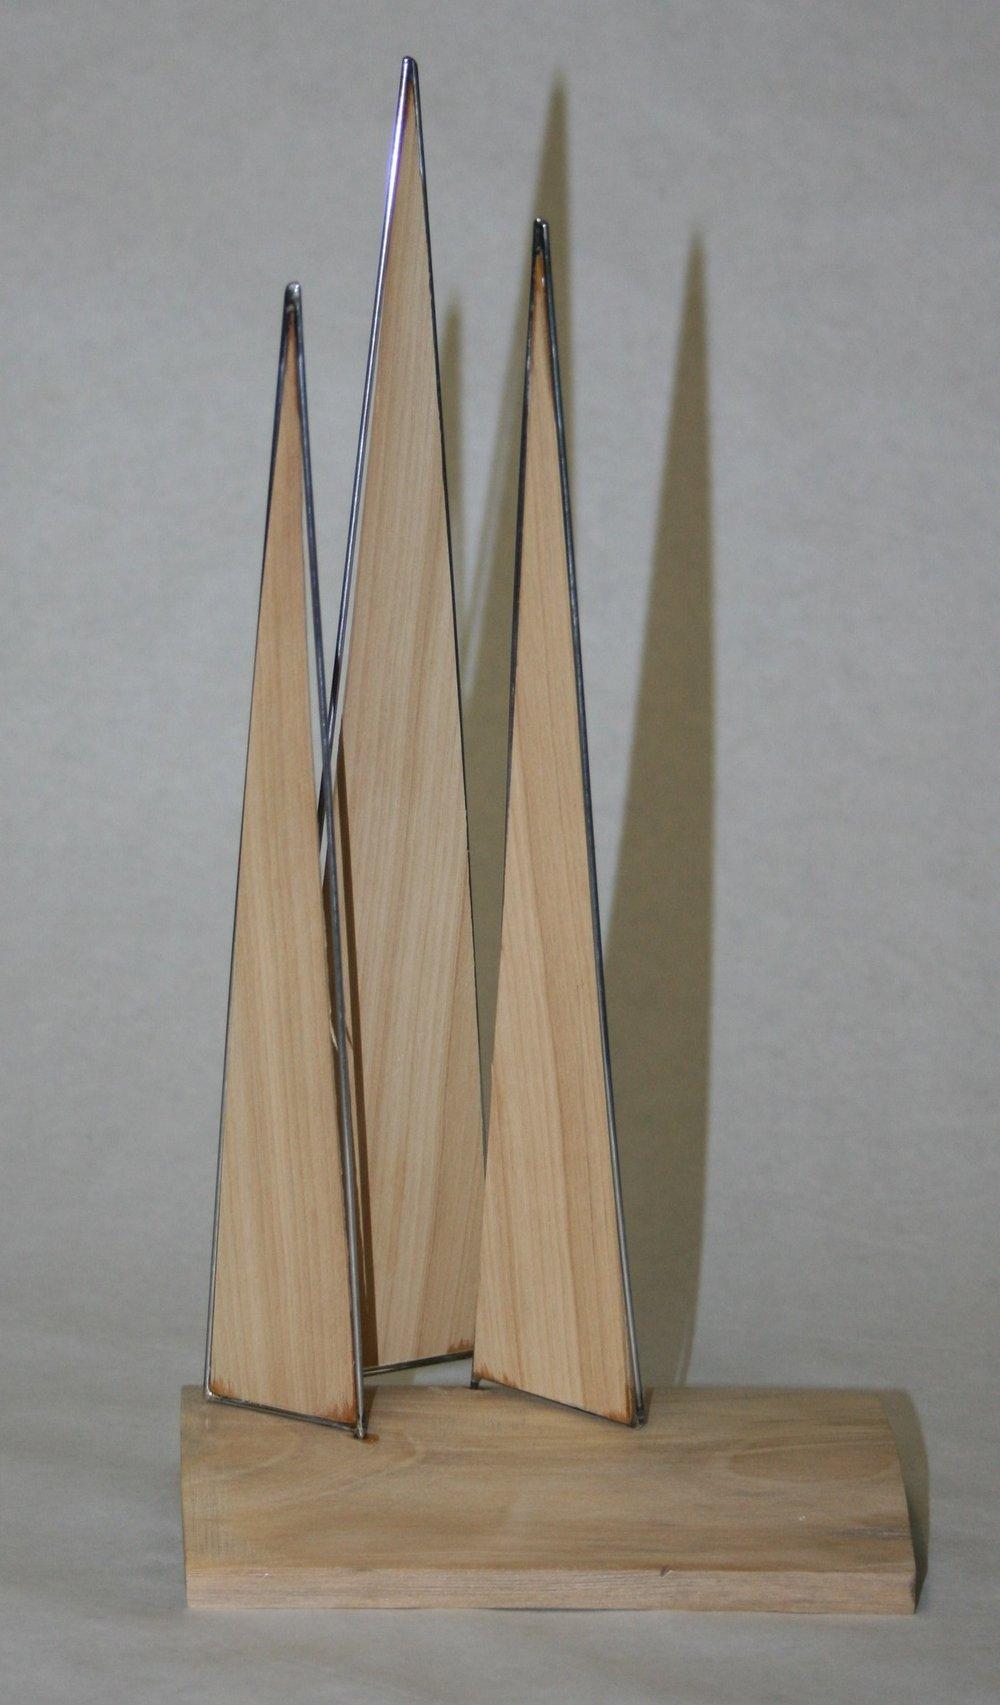 104b David Gush, Trees, Wood & metal